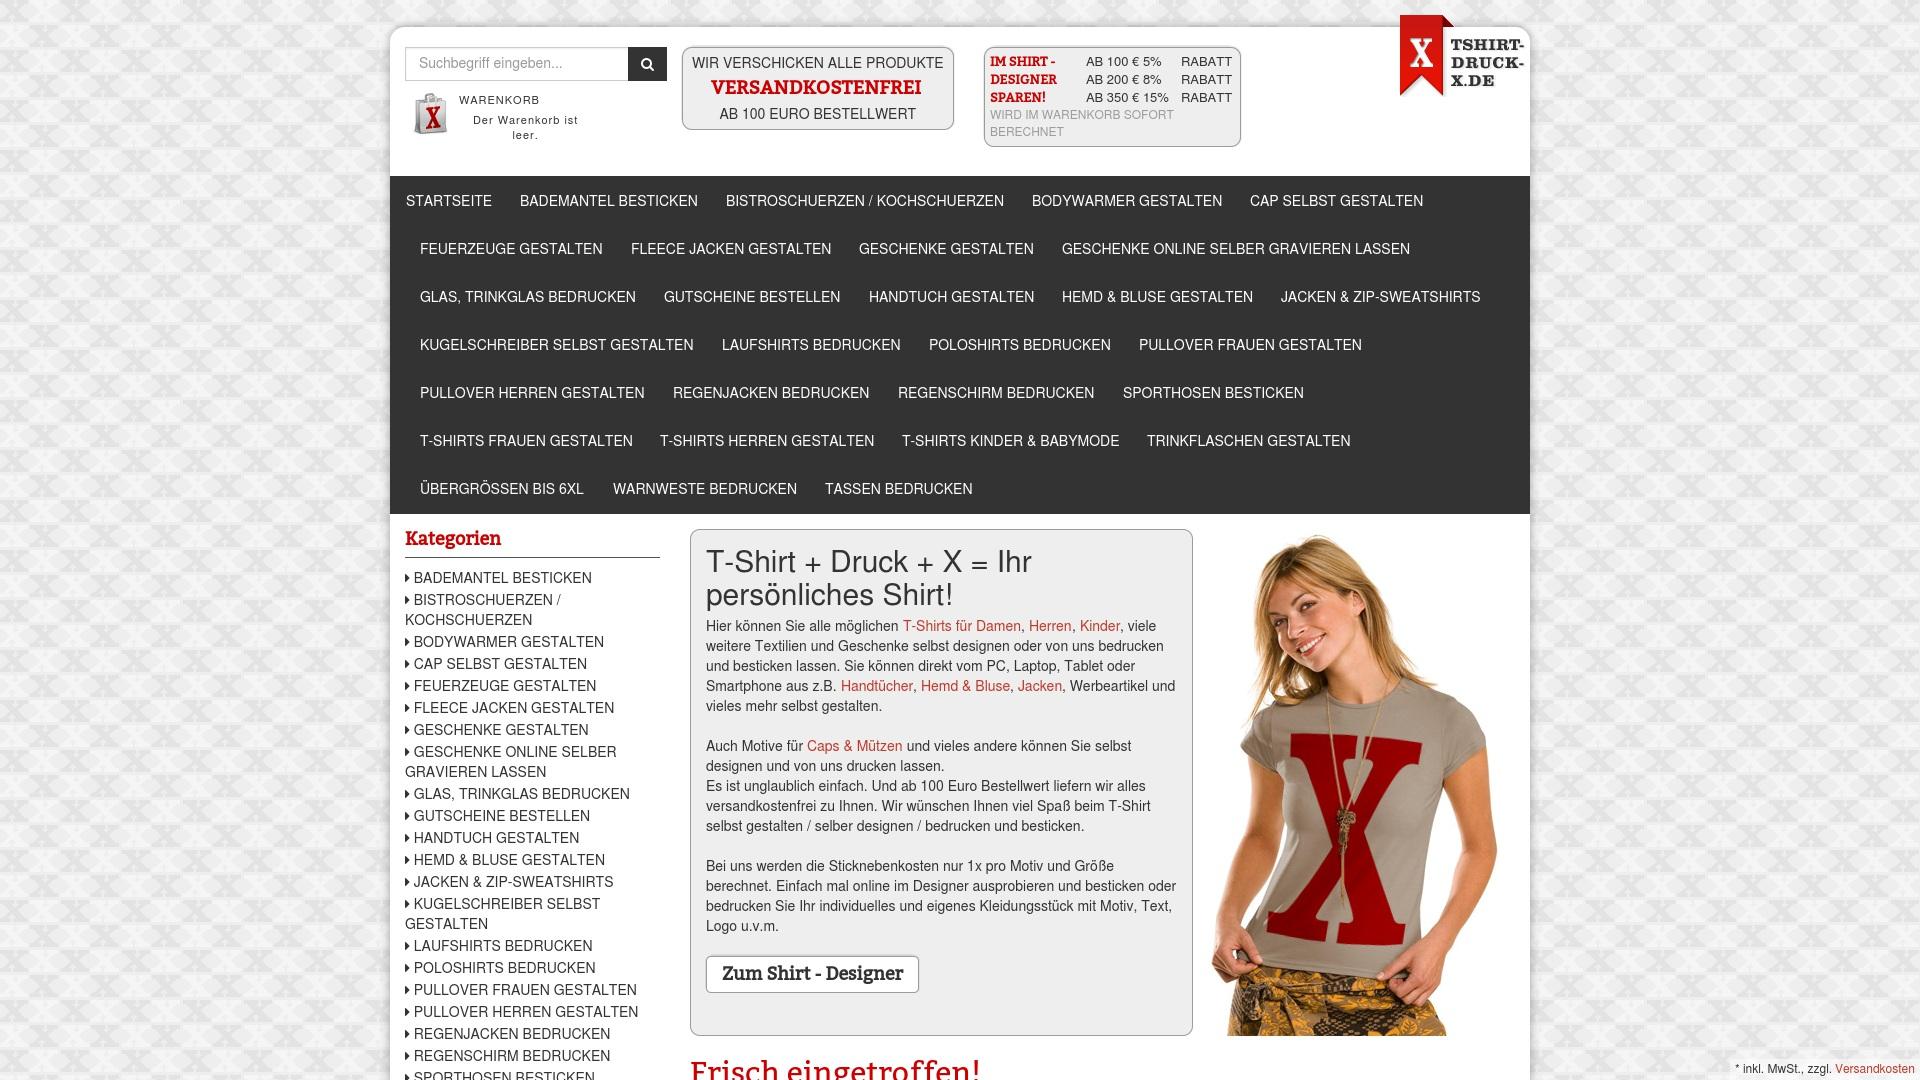 Gutschein für Tshirt-druck-x: Rabatte für  Tshirt-druck-x sichern